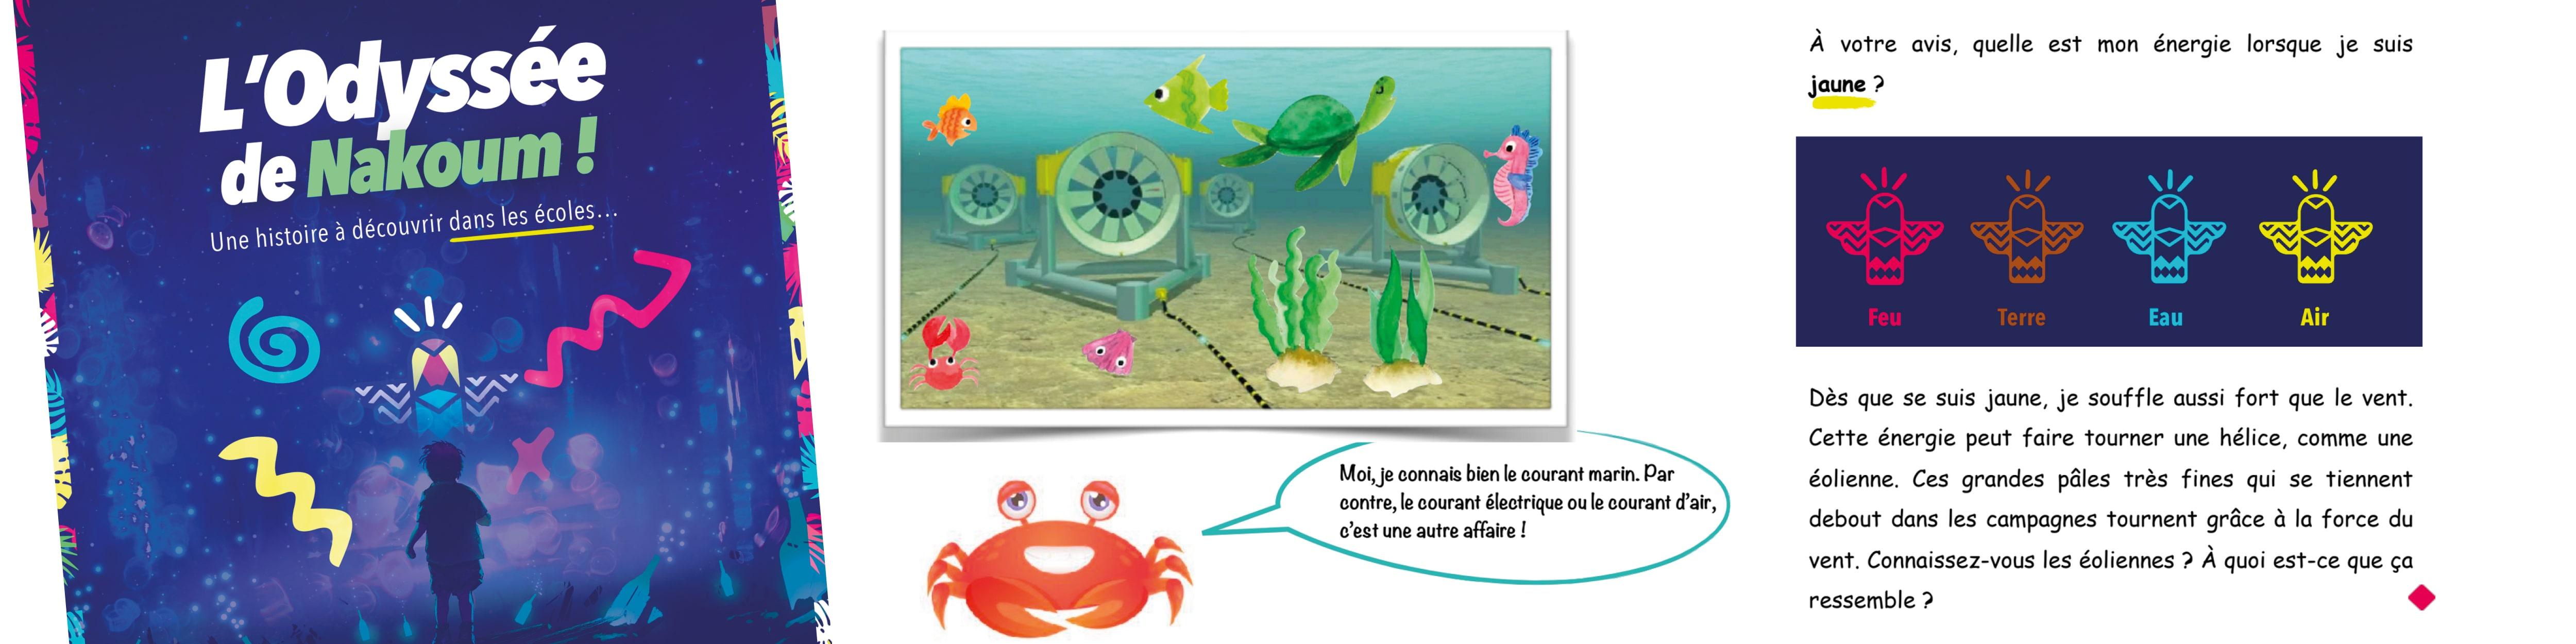 L'Odyssée de Nakoum, une histoire pour sensibiliser les enfants à l'écologie